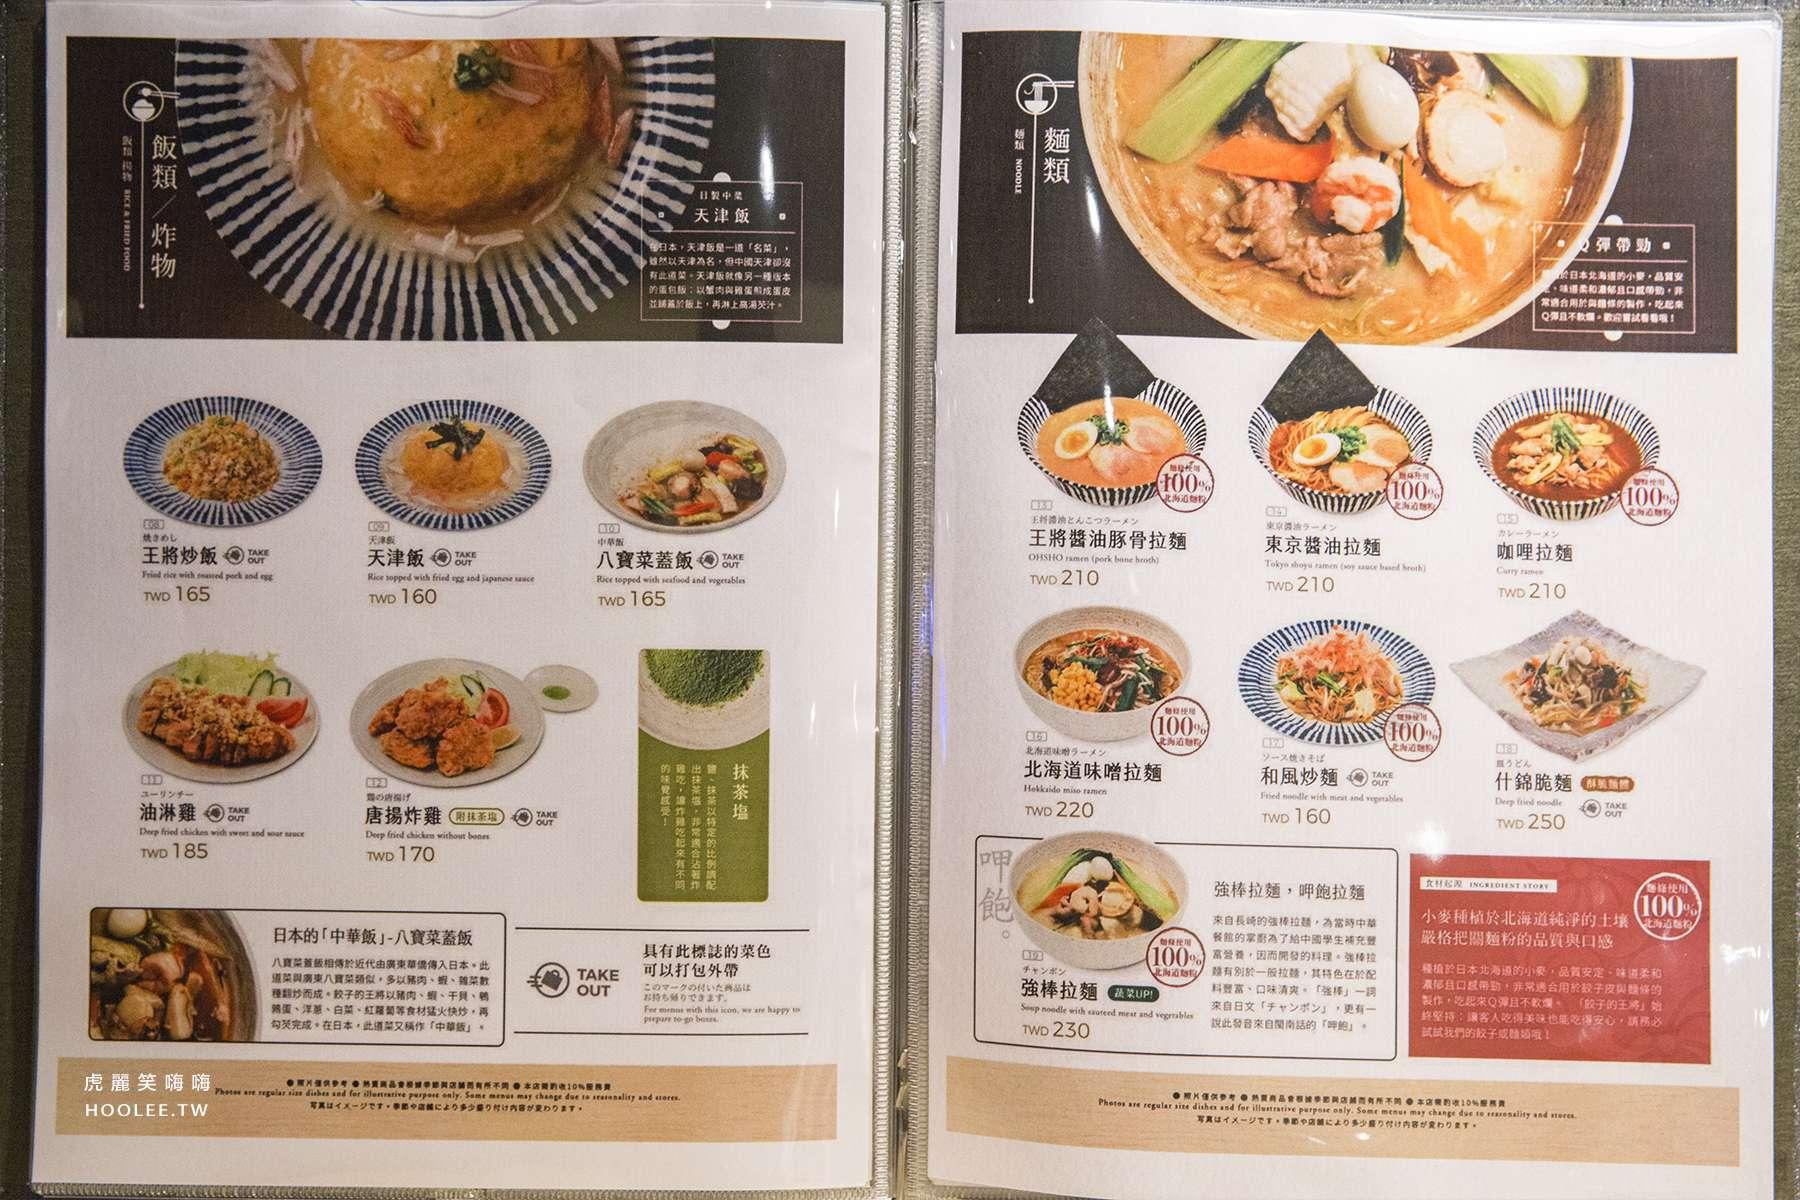 王將餃子 菜單 價錢 MENU